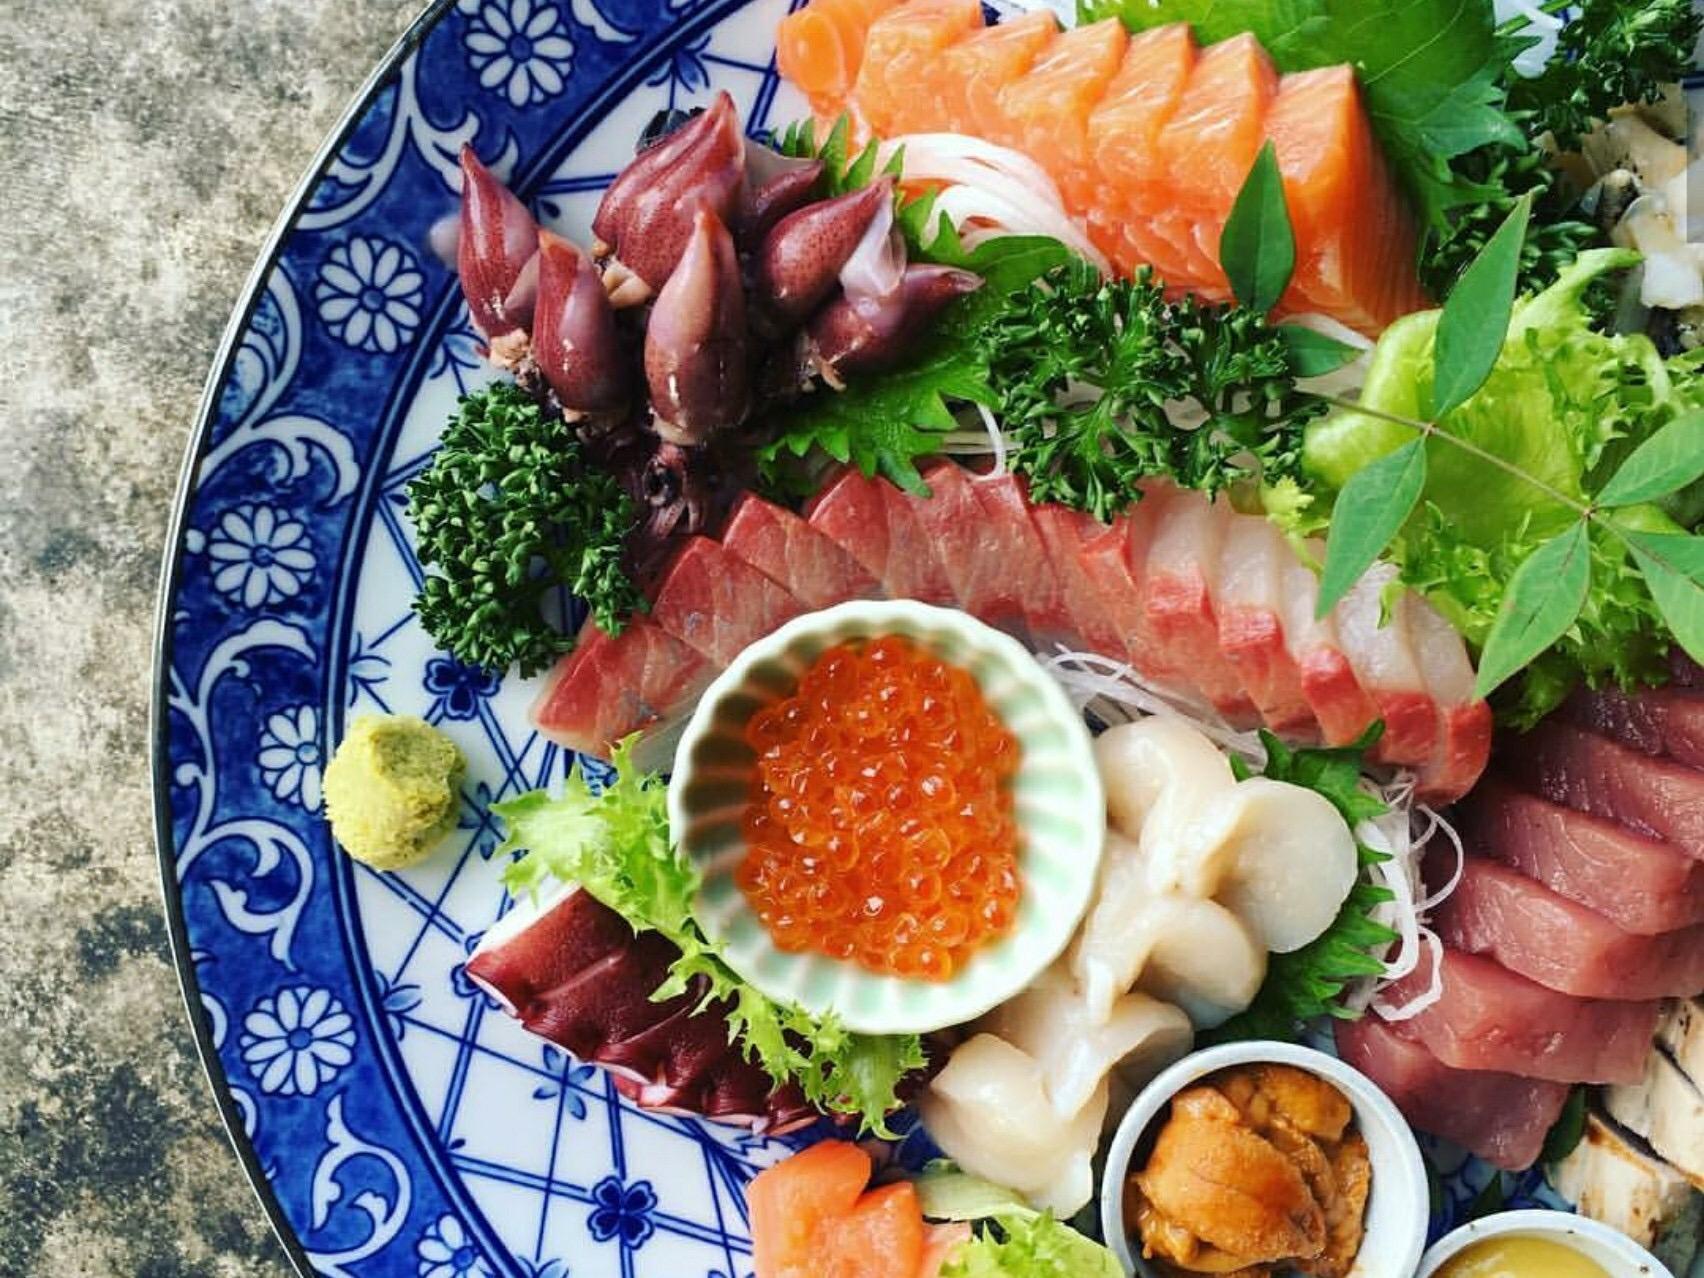 Taking out Sashimi mix